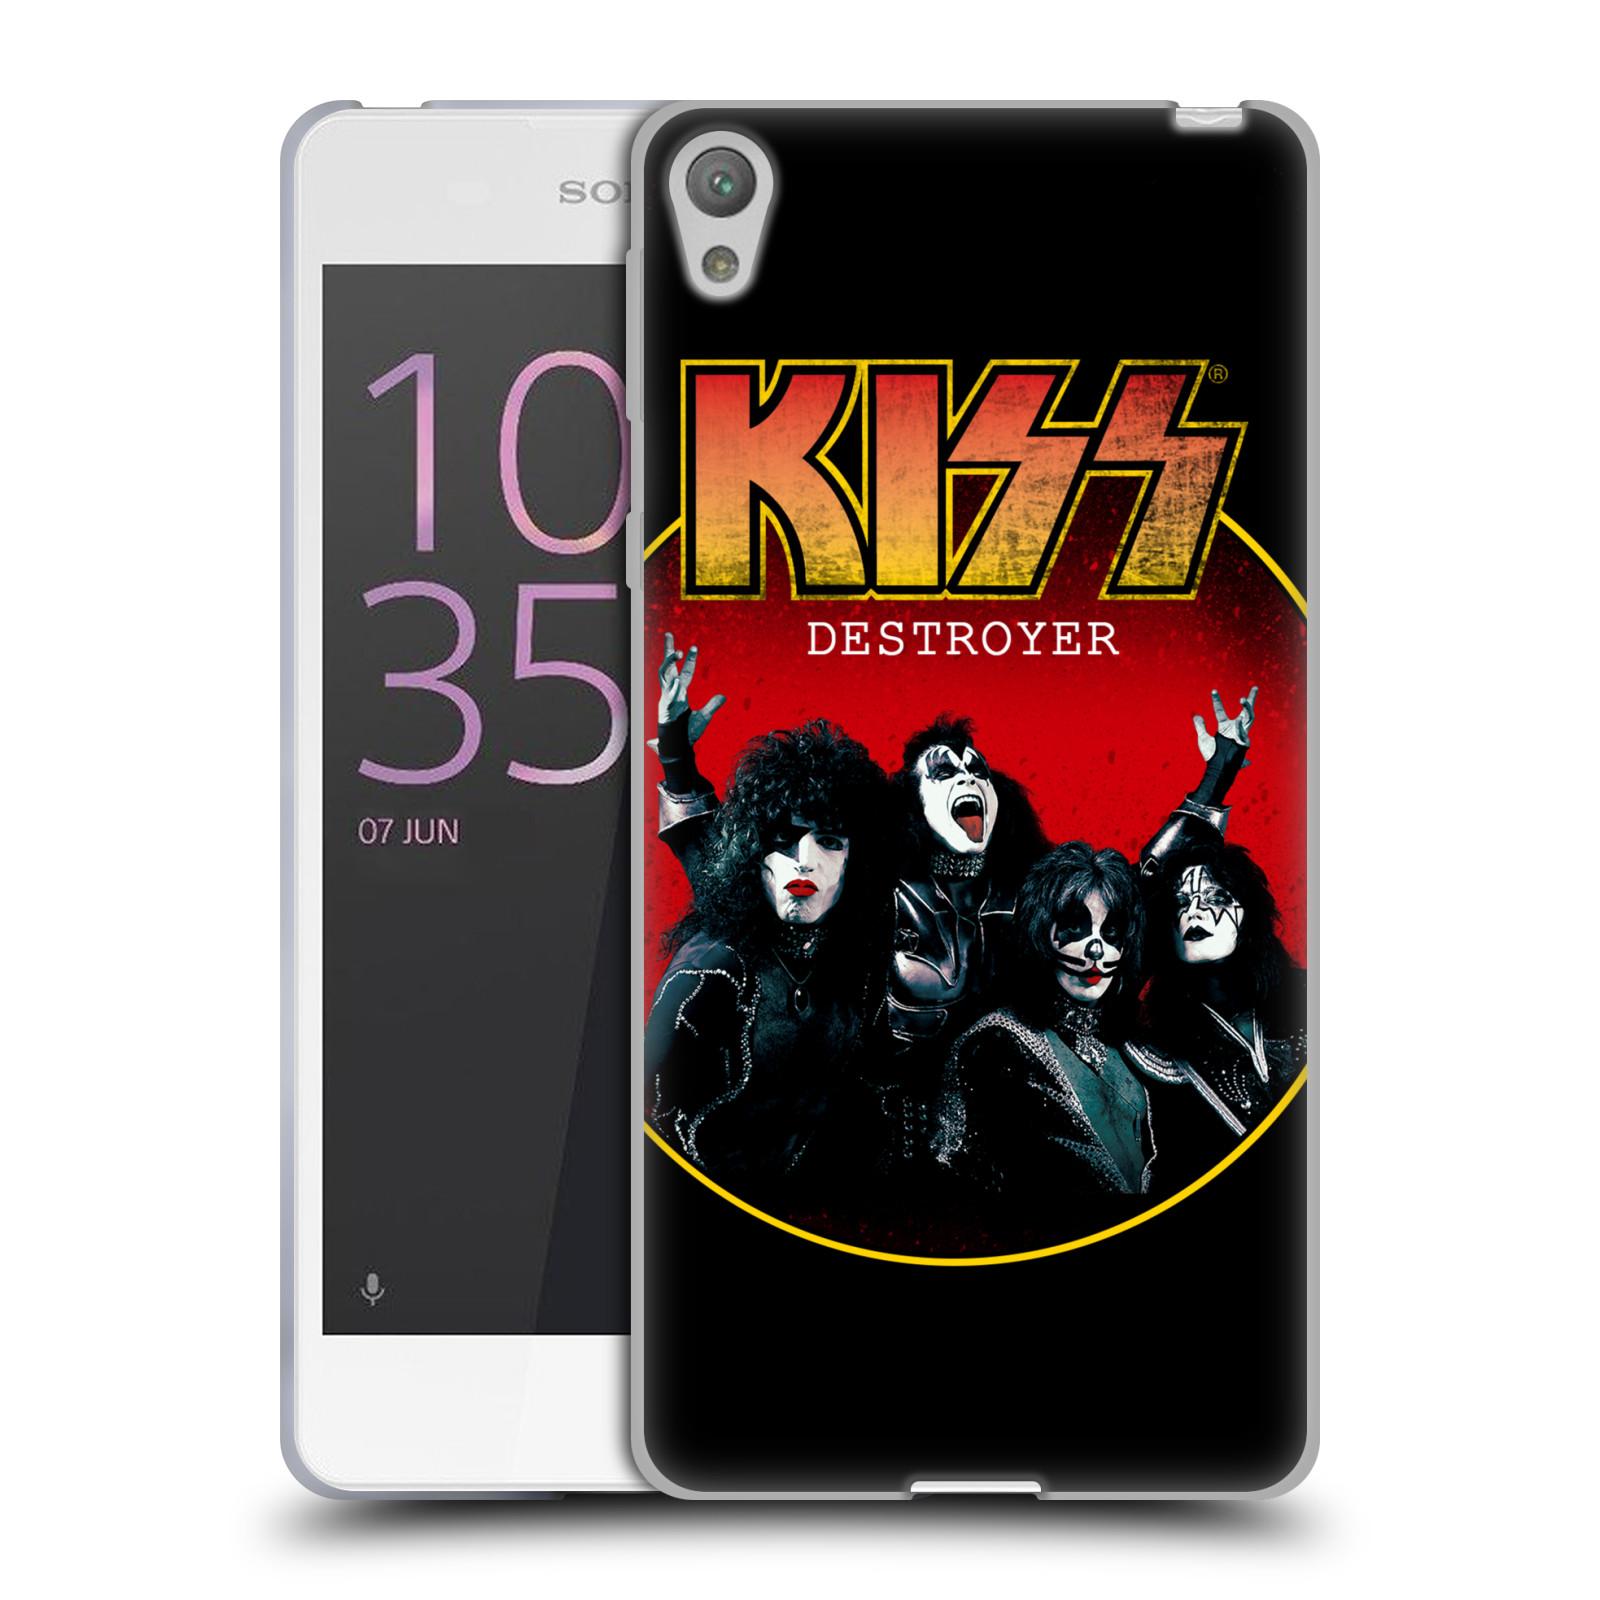 Silikonové pouzdro na mobil Sony Xperia E5 HEAD CASE - Kiss - Destroyer (Silikonový kryt či obal na mobilní telefon s licencovaným motivem Kiss pro Sony Xperia E5 F3311)